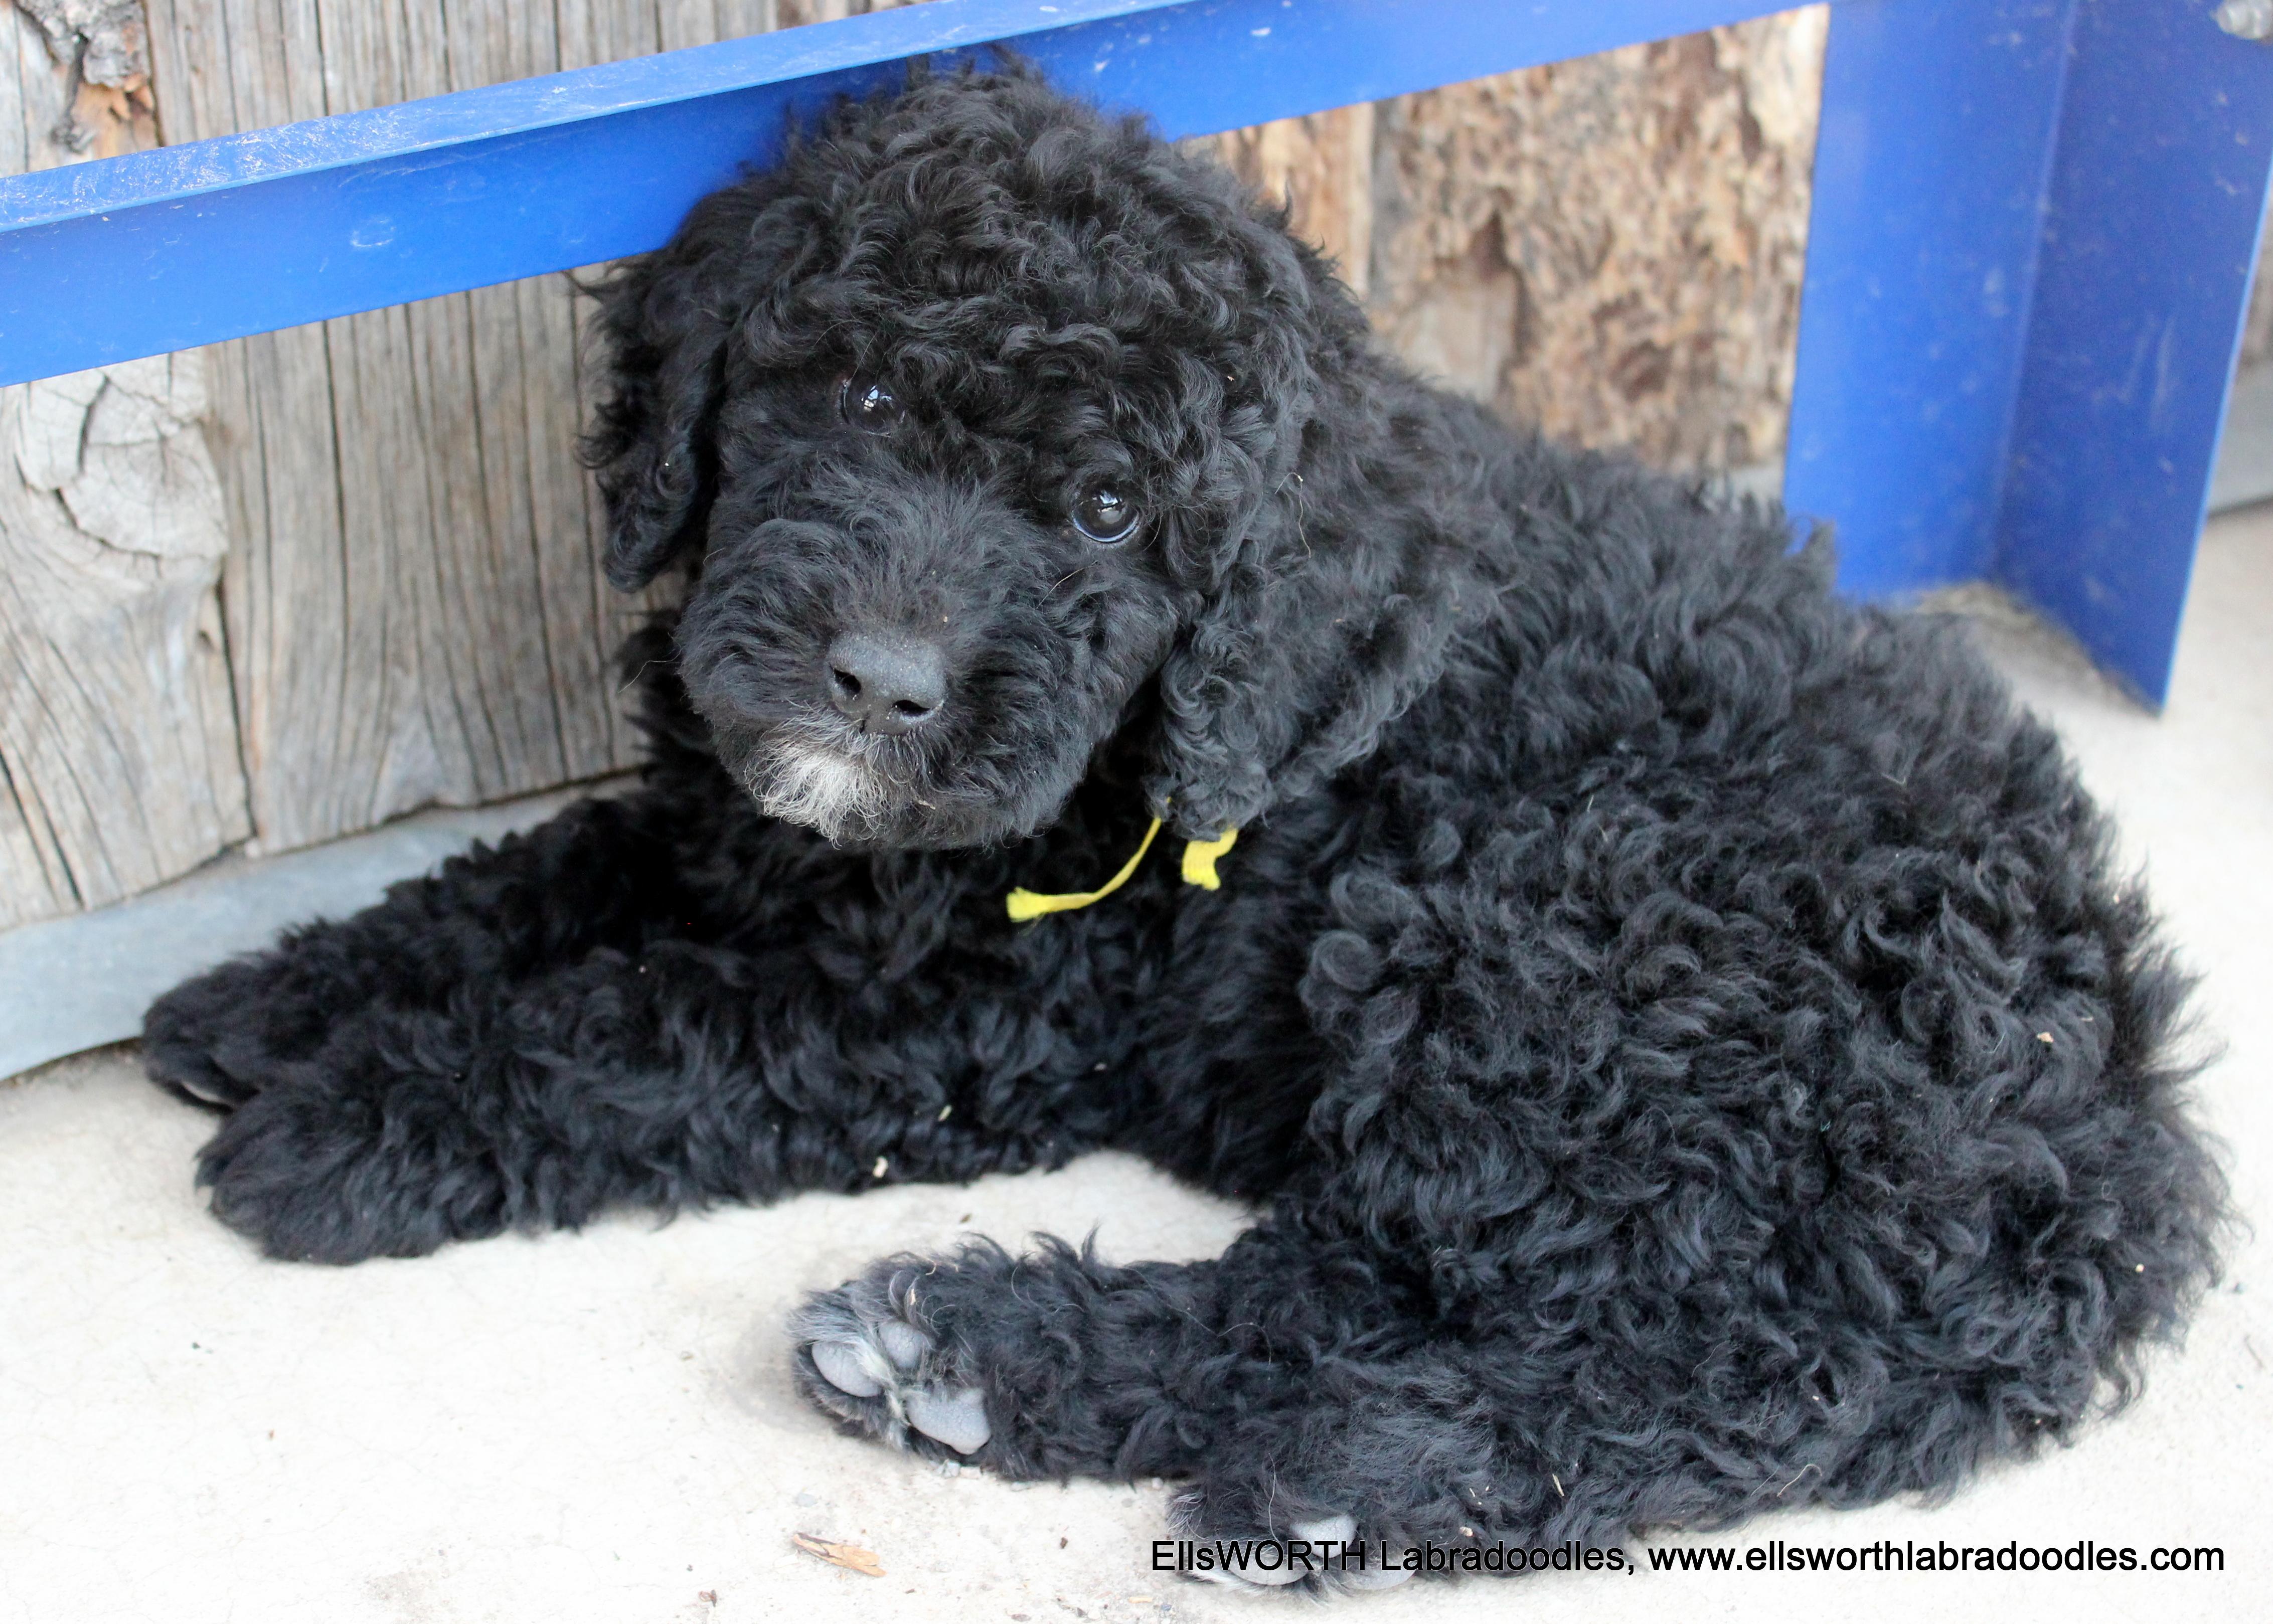 8 weeks old weighs 6.10 lbs,